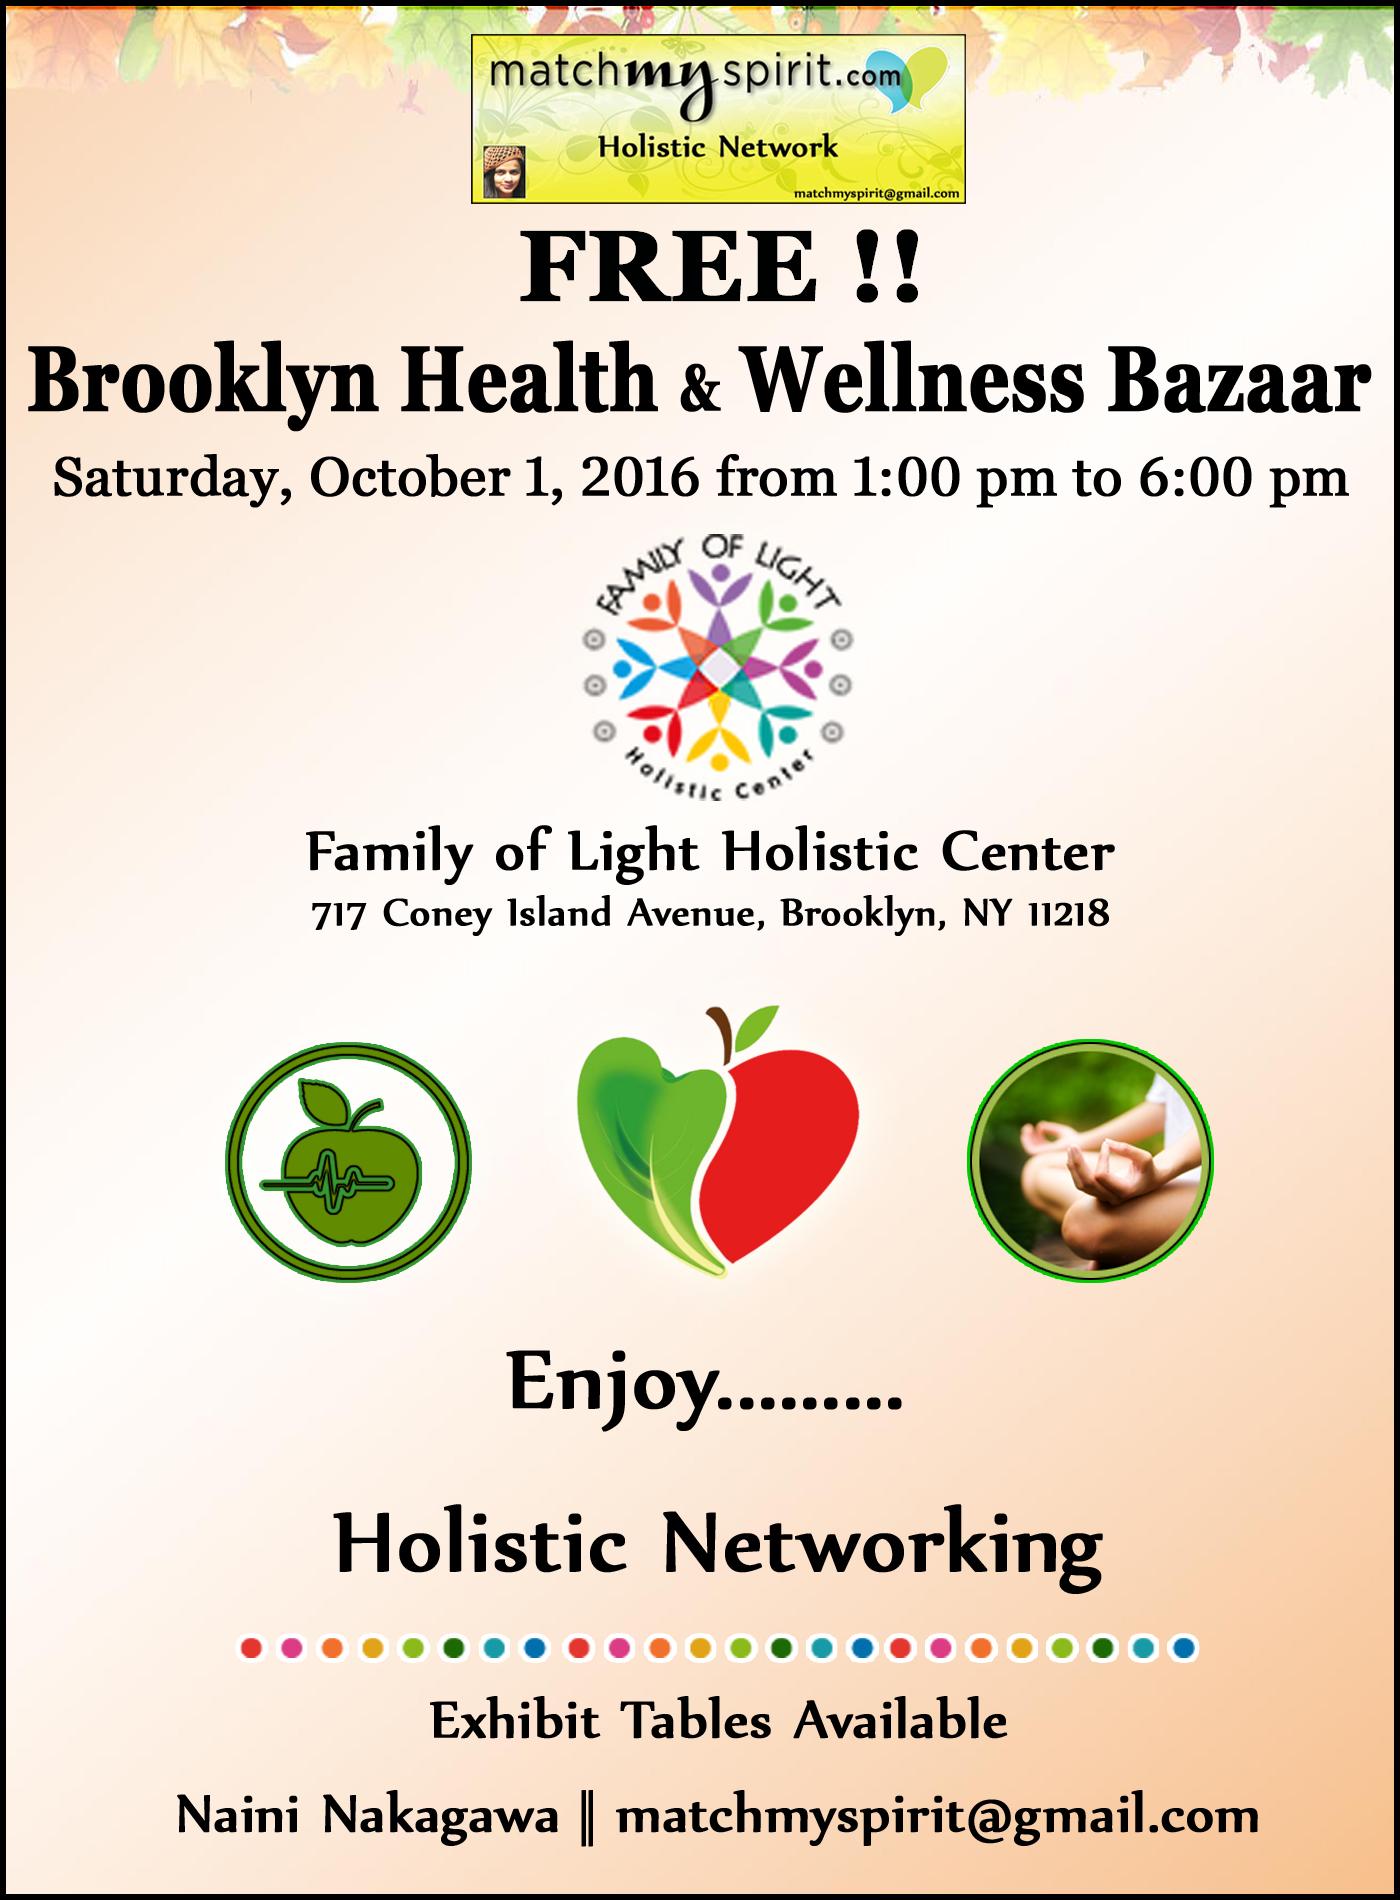 FREE!! Brooklyn Health & Wellness Bazaar